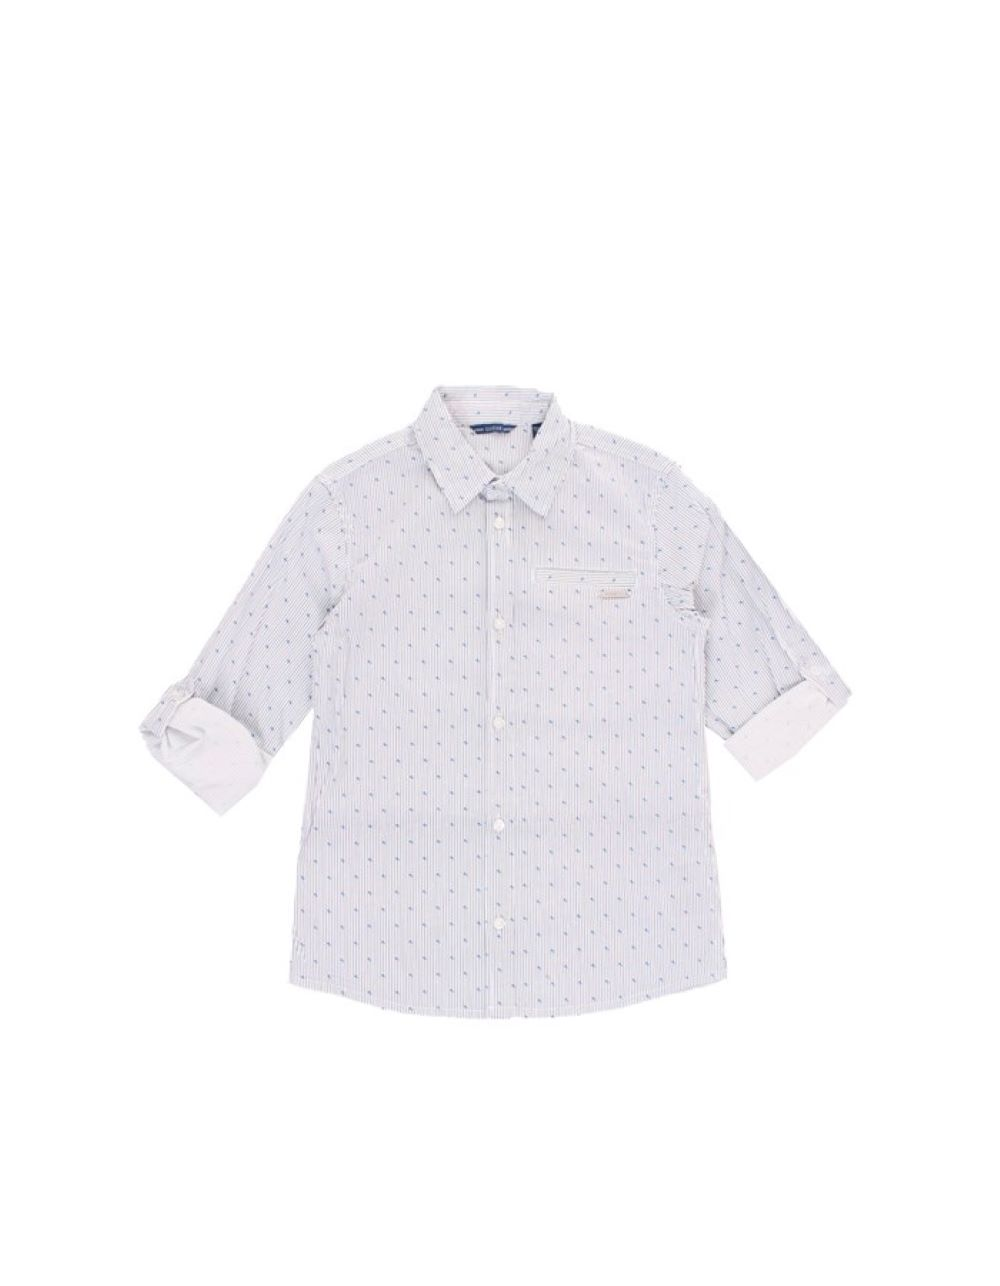 STERCH POPELINE GUESS | Camicia | L1RH09WCSF0P12E